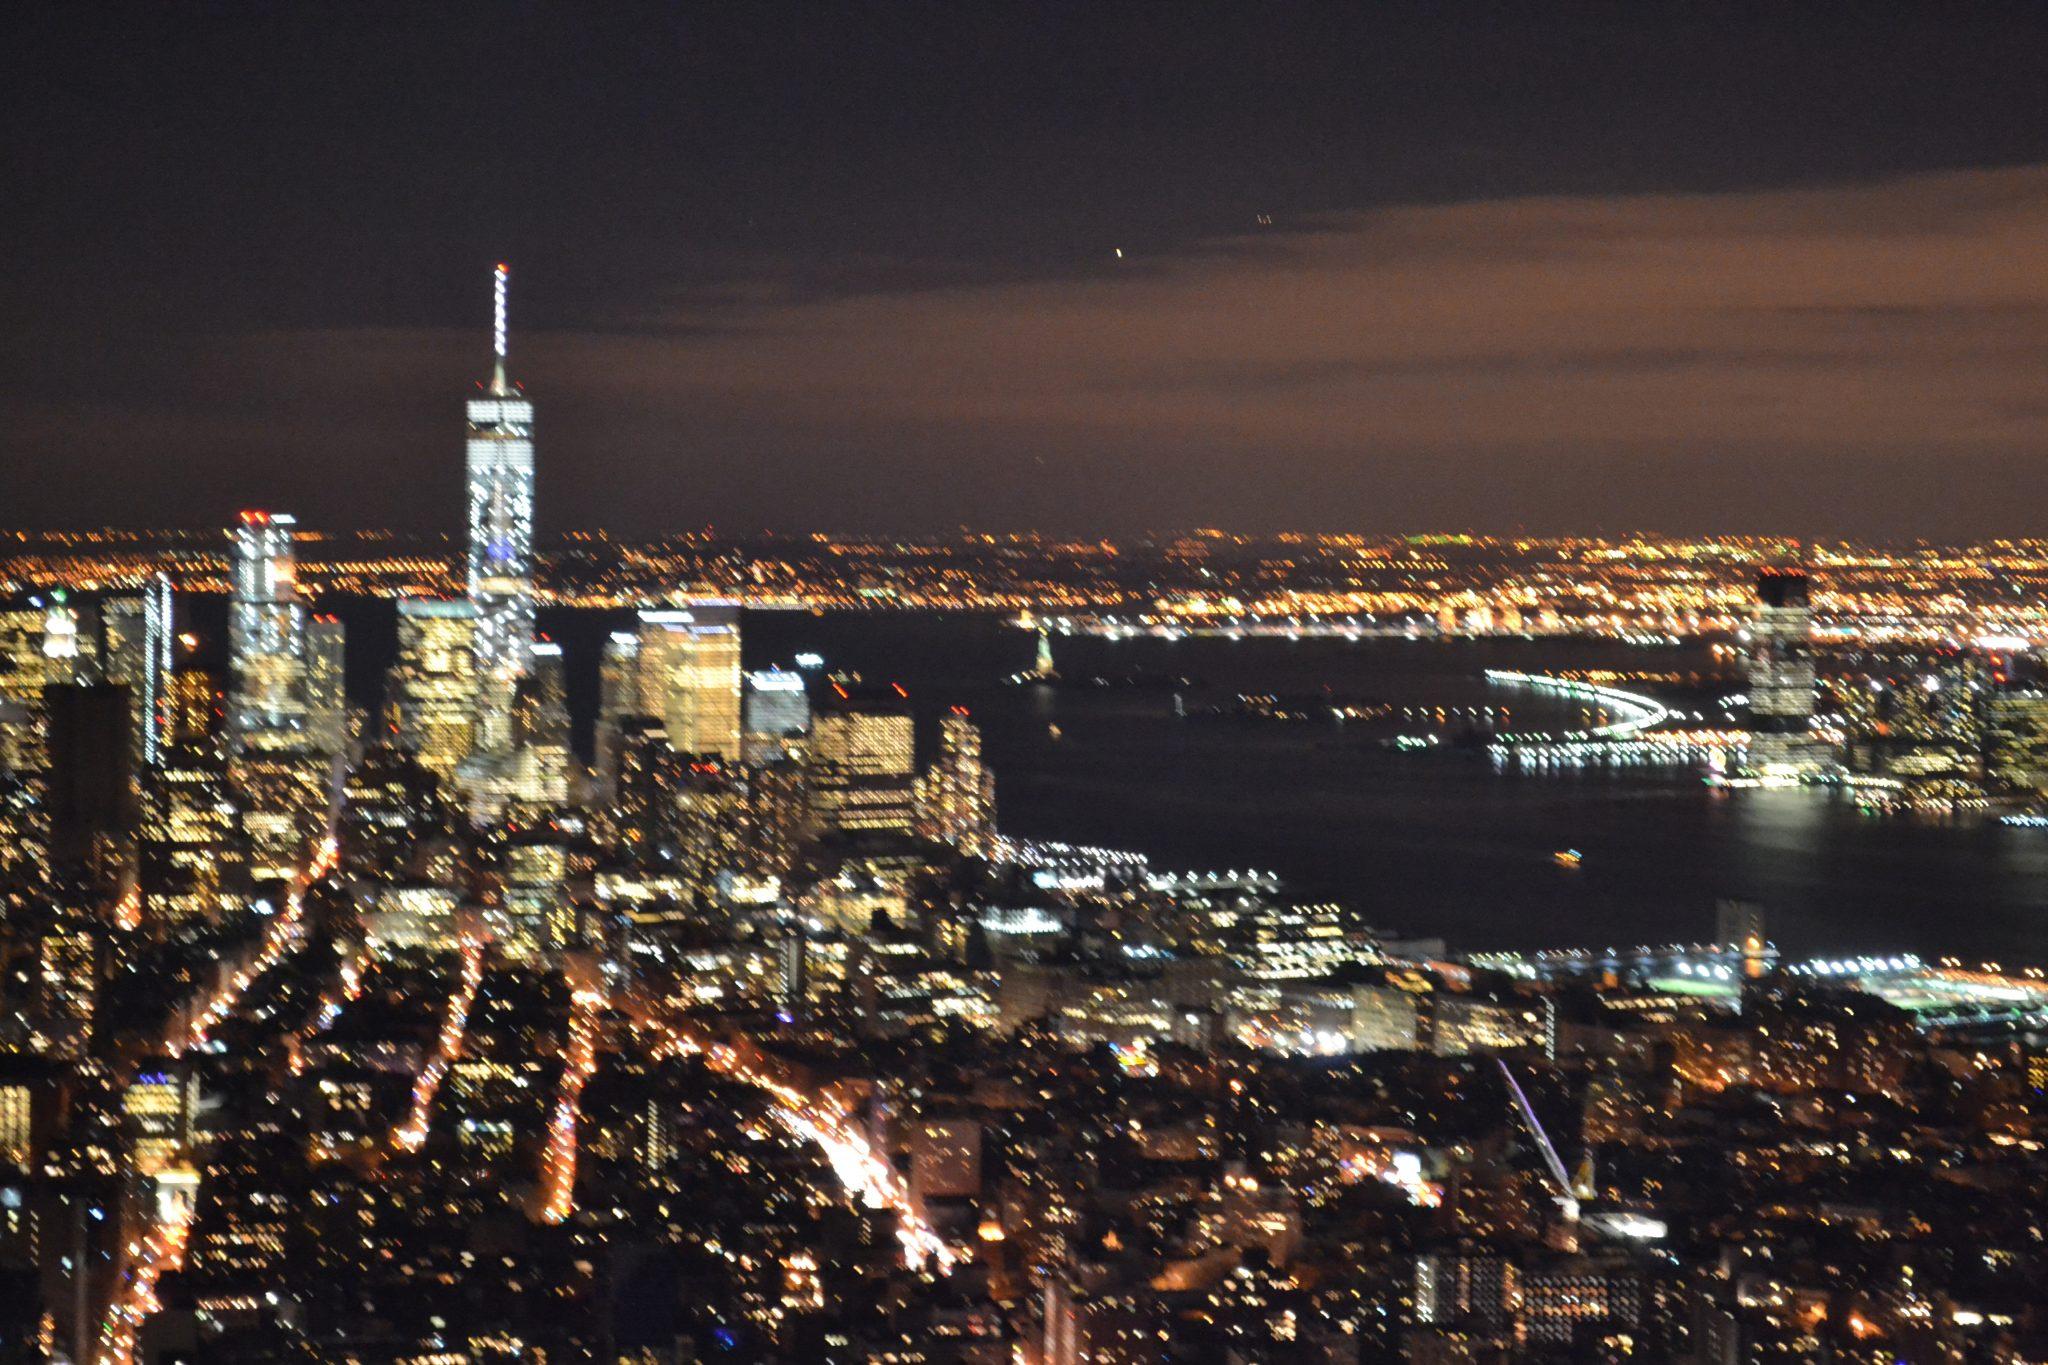 New York Part 2: Rockefeller Center & Empire State Building - dsc 0260